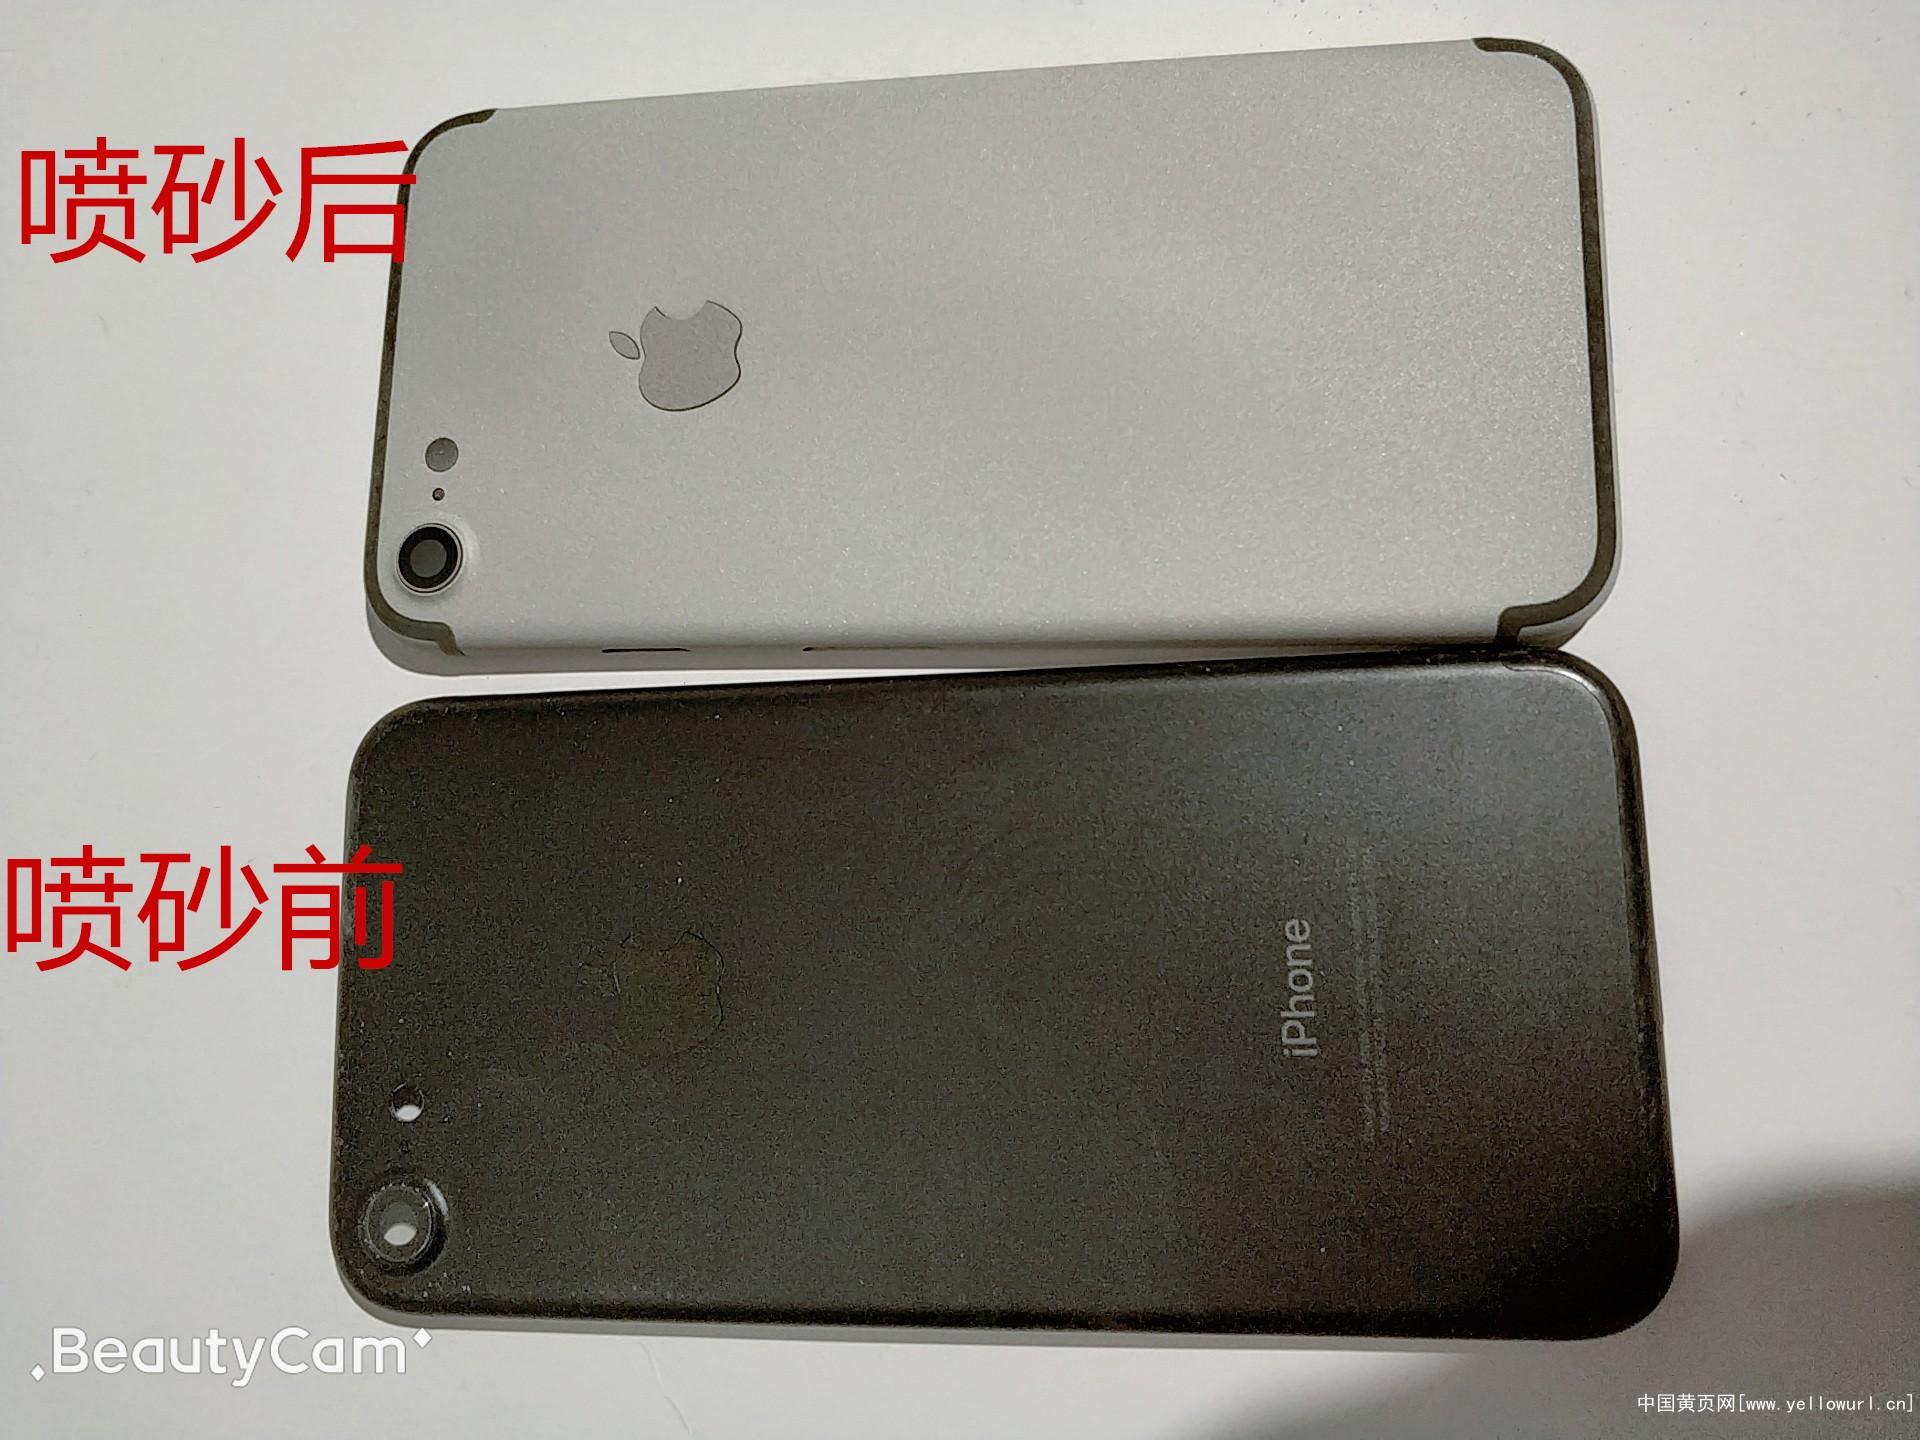 手機殼噴砂加工廠手機中框后蓋噴砂加工